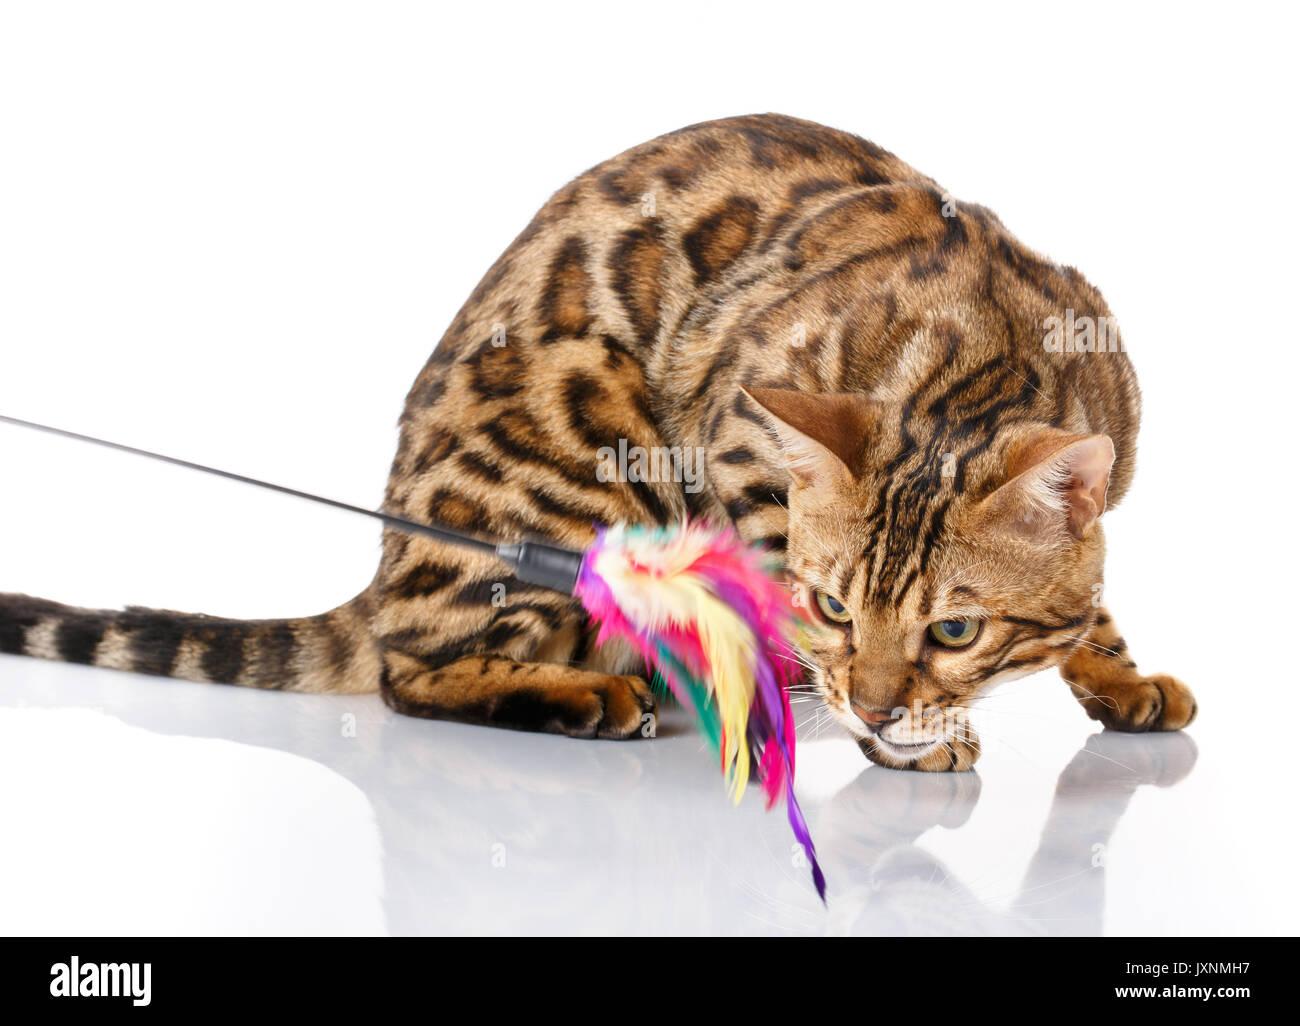 Bengal Cat Climbing Toy